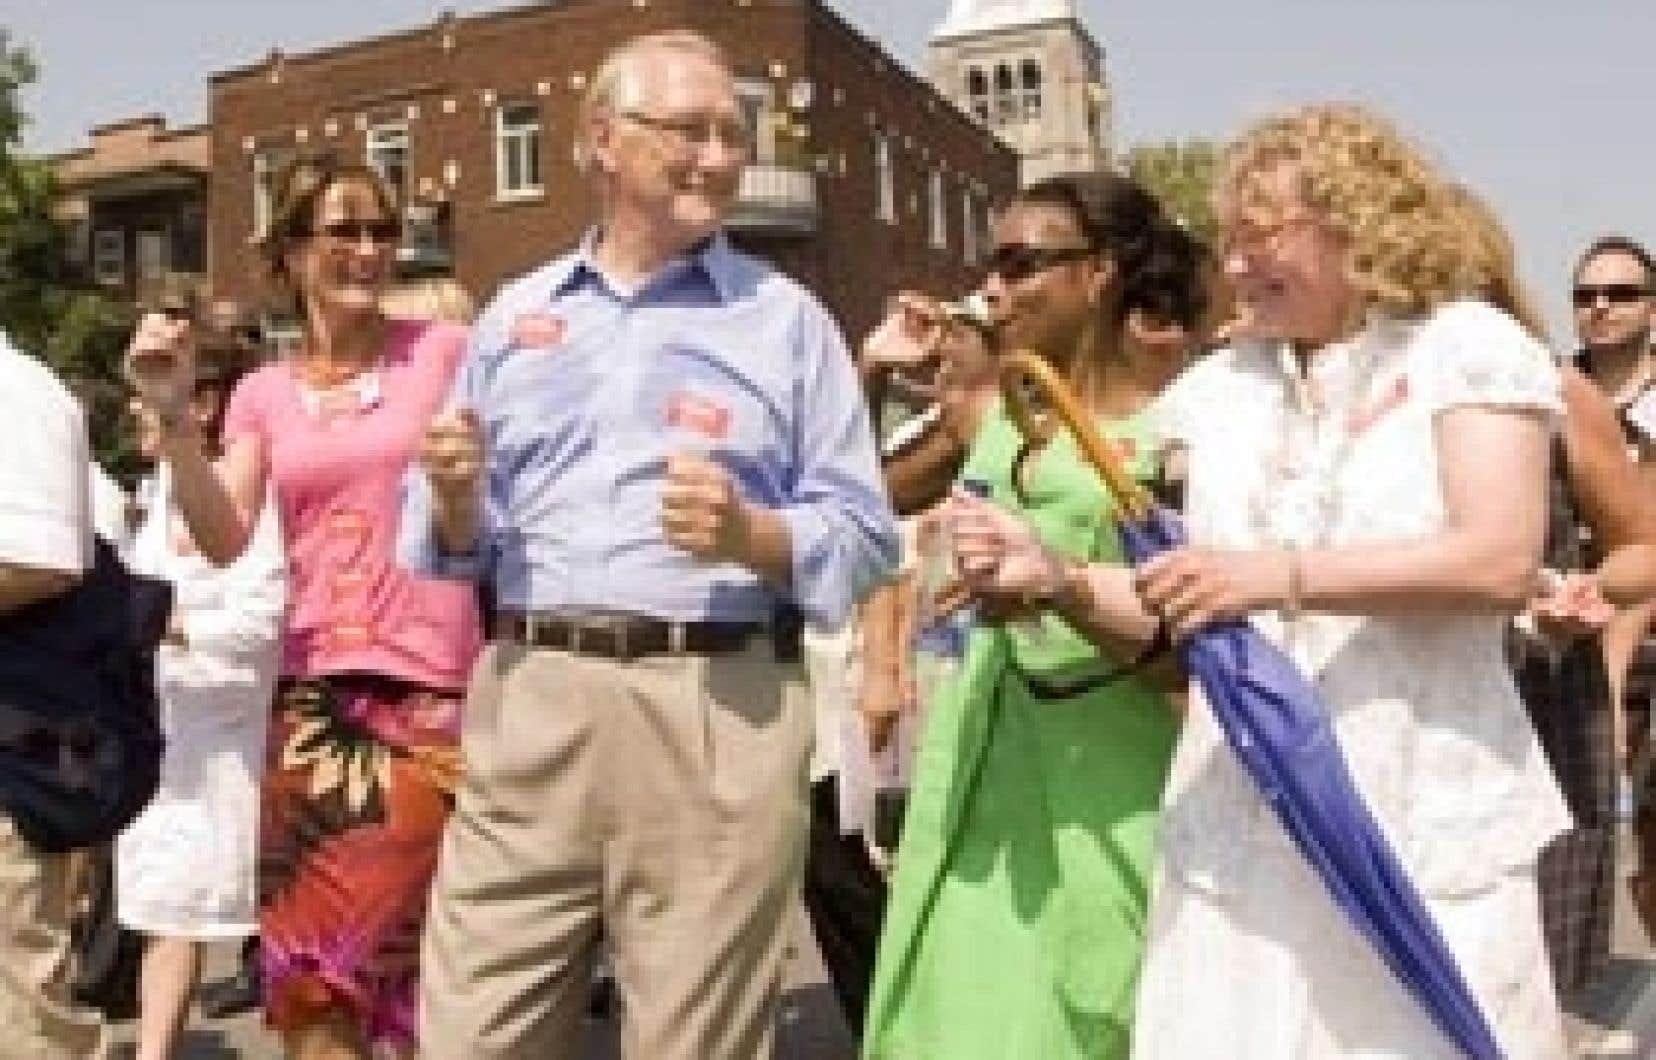 Le maire de Montréal, Gérald Tremblay, a semblé bien s'amuser hier en compagnie des ministres québécoises de la Justice, Kathleen Weil, de l'Immigration et des Communautés culturelles, Yolande James, et des Aînés, Marguerite Blais.